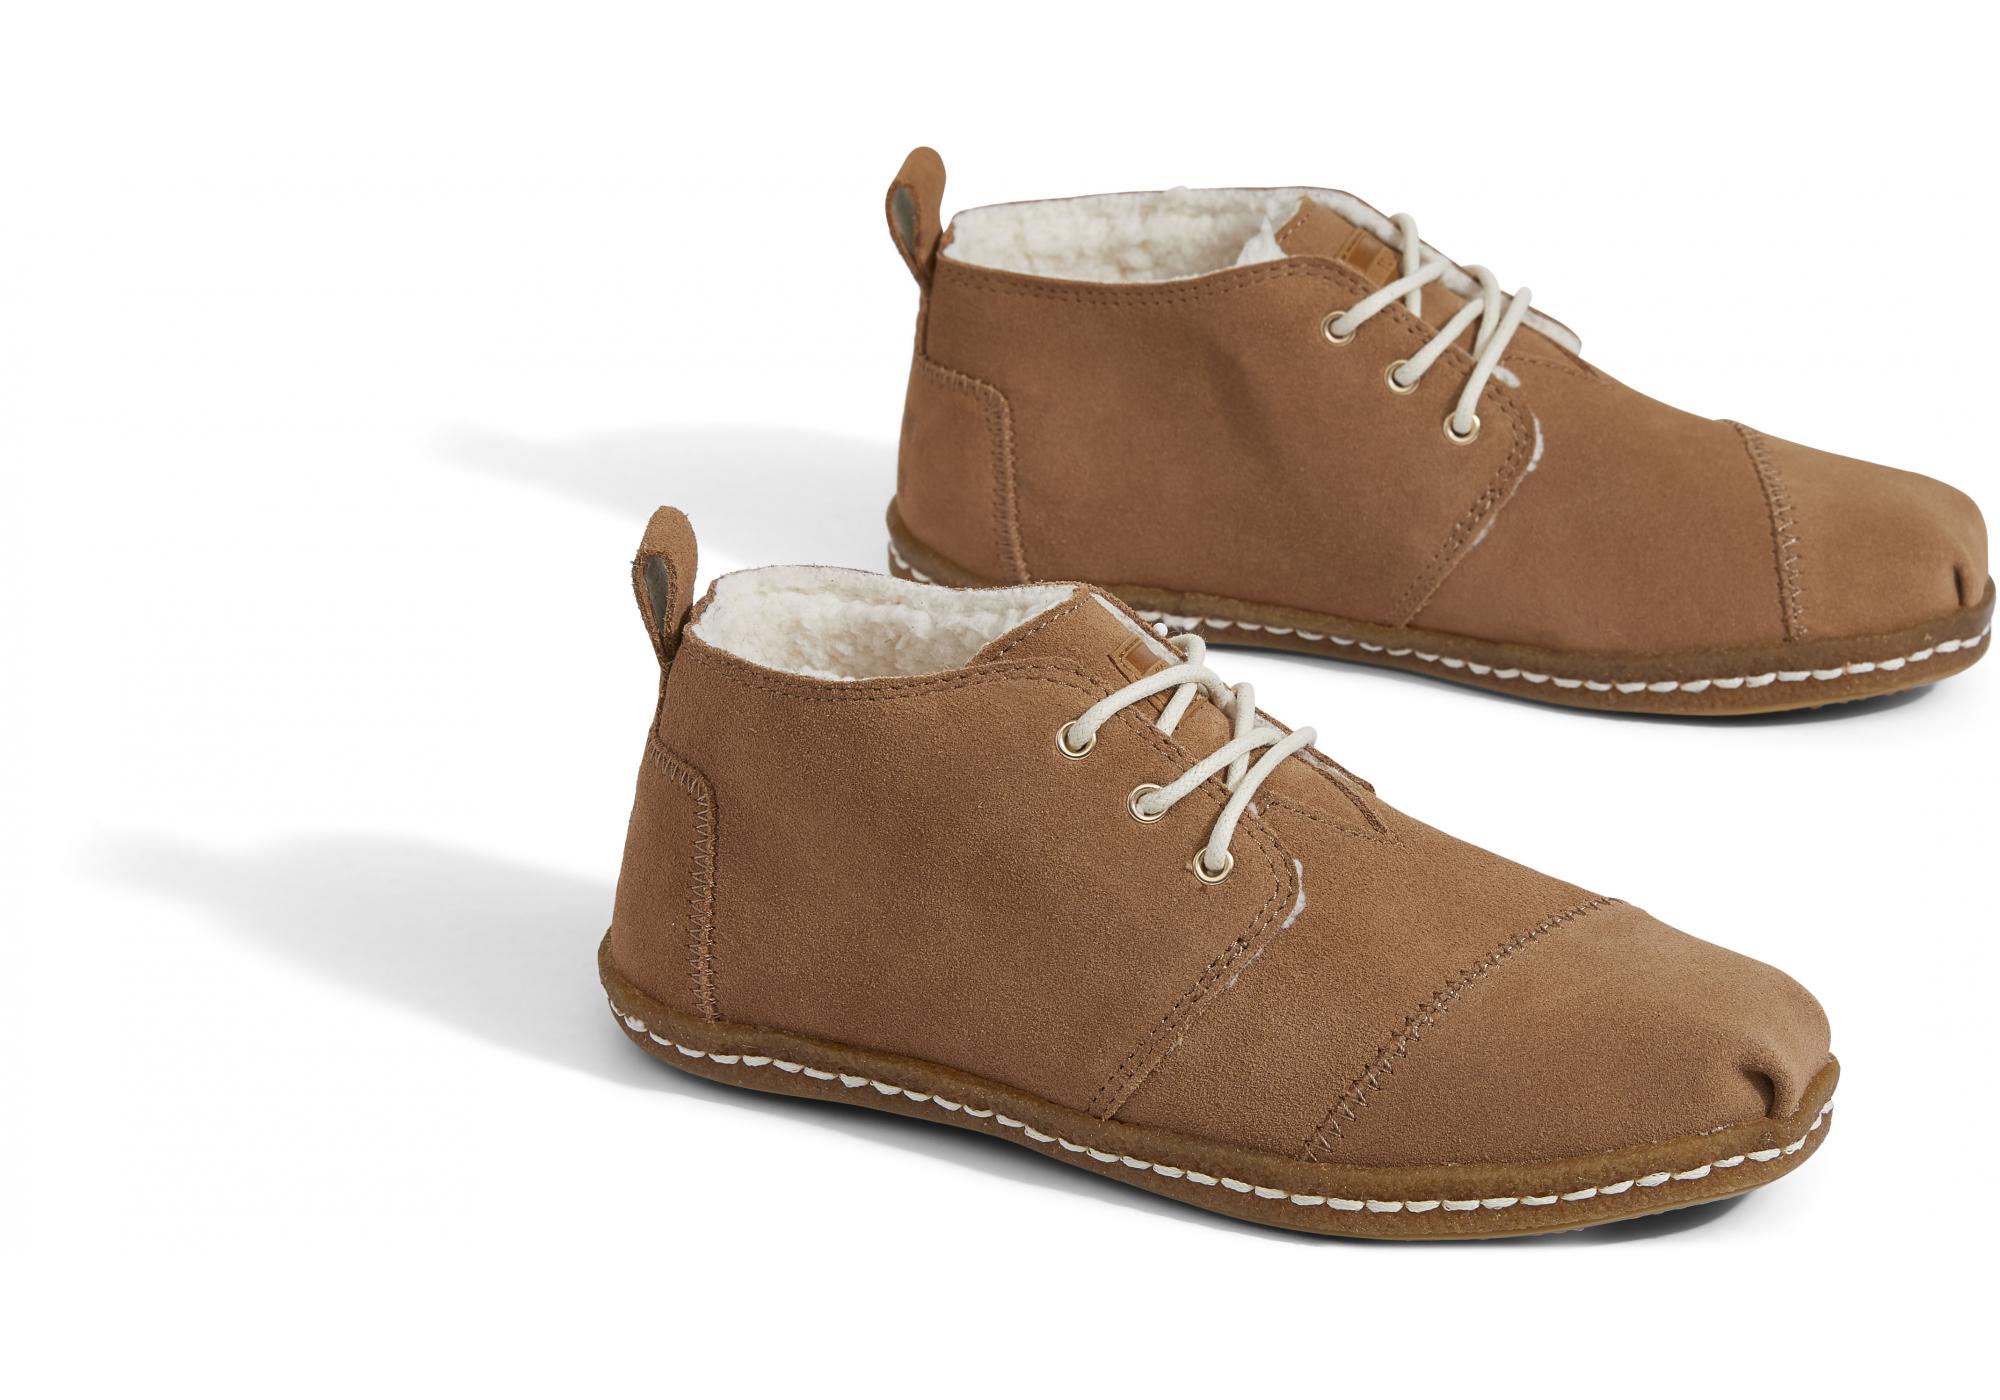 0c76bd4cf0 Dámske hnedé členkové topánky TOMS Bota Venice Collection